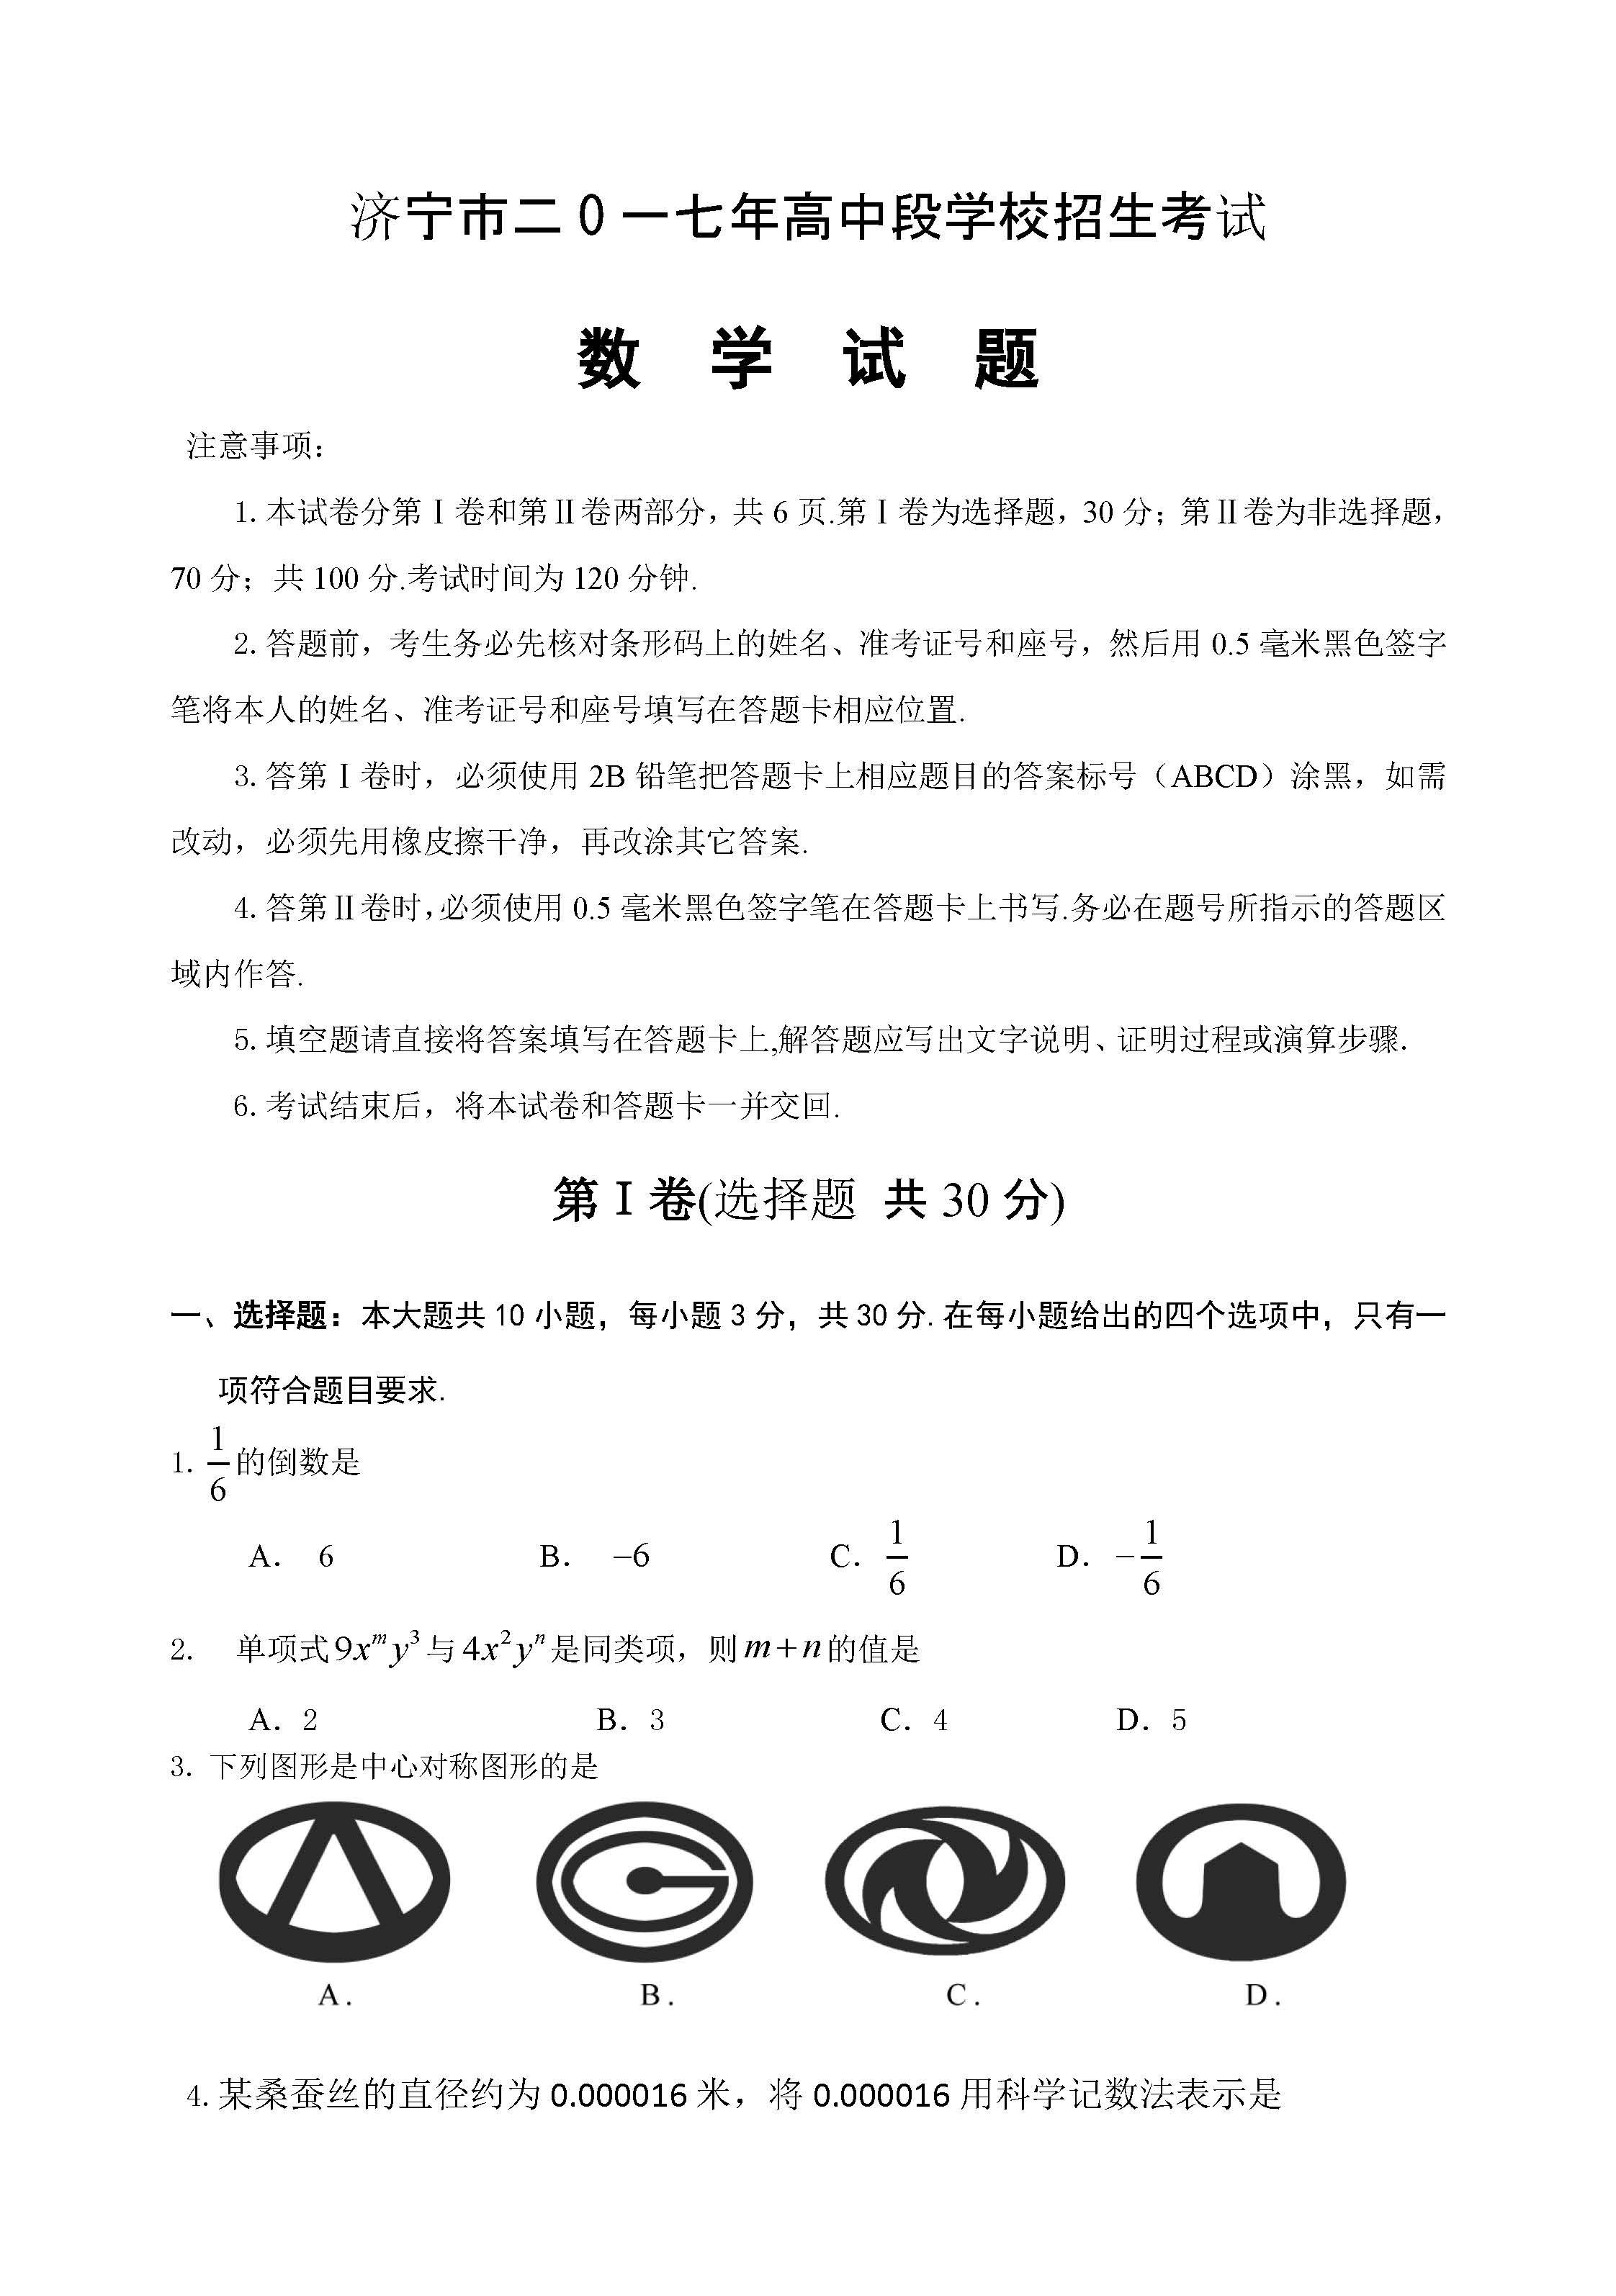 2017济宁中考数学试题及答案解析(word版含答案)